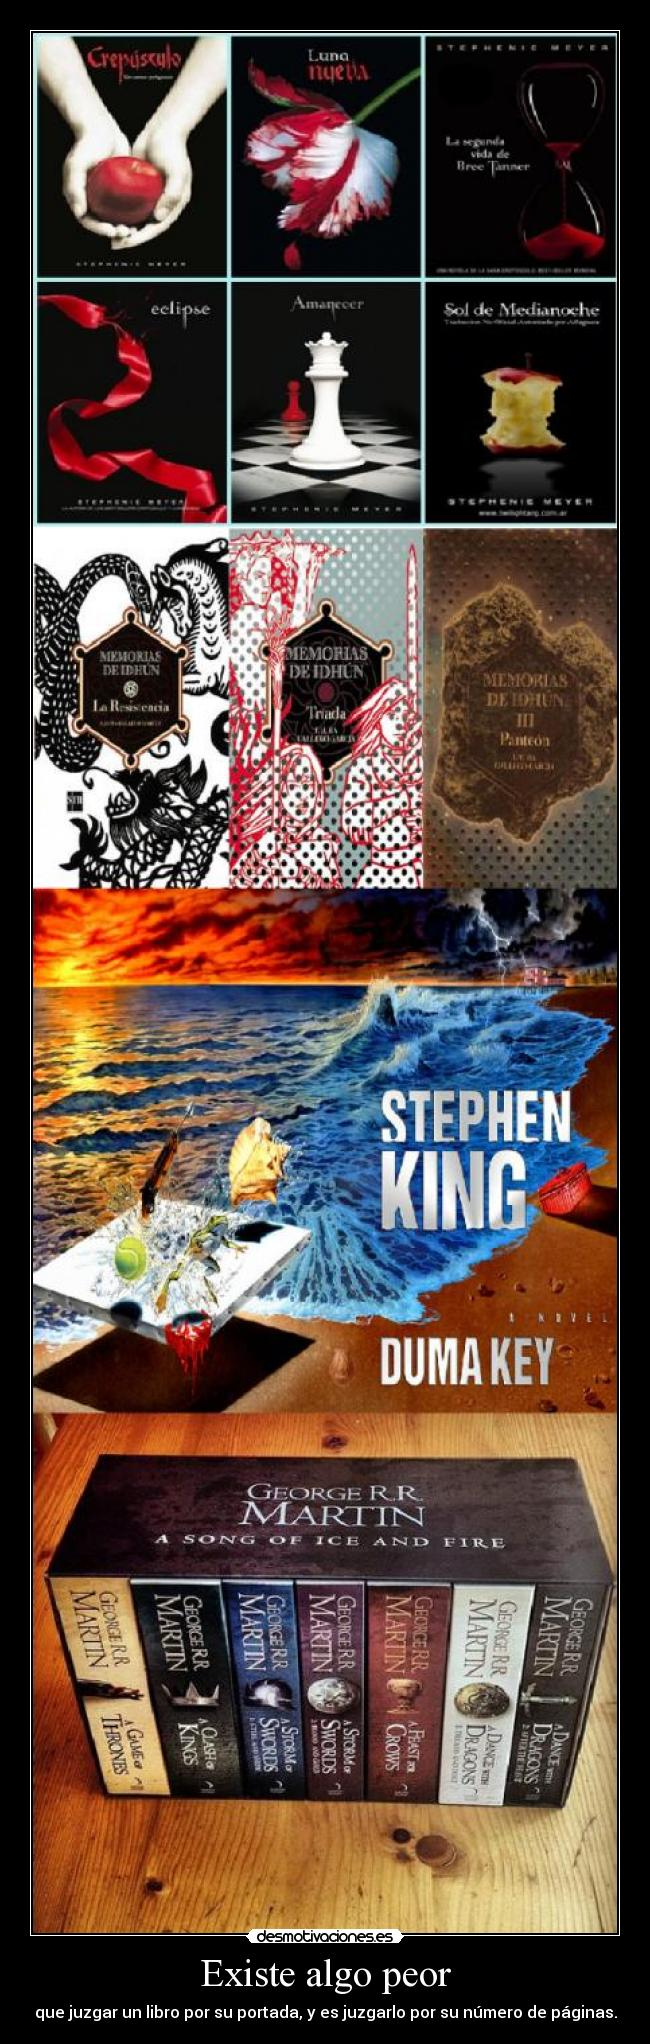 carteles eric wiseman crepusculo memorias idhun stephen king cancion hielo fuego libros portada paginas desmotivaciones